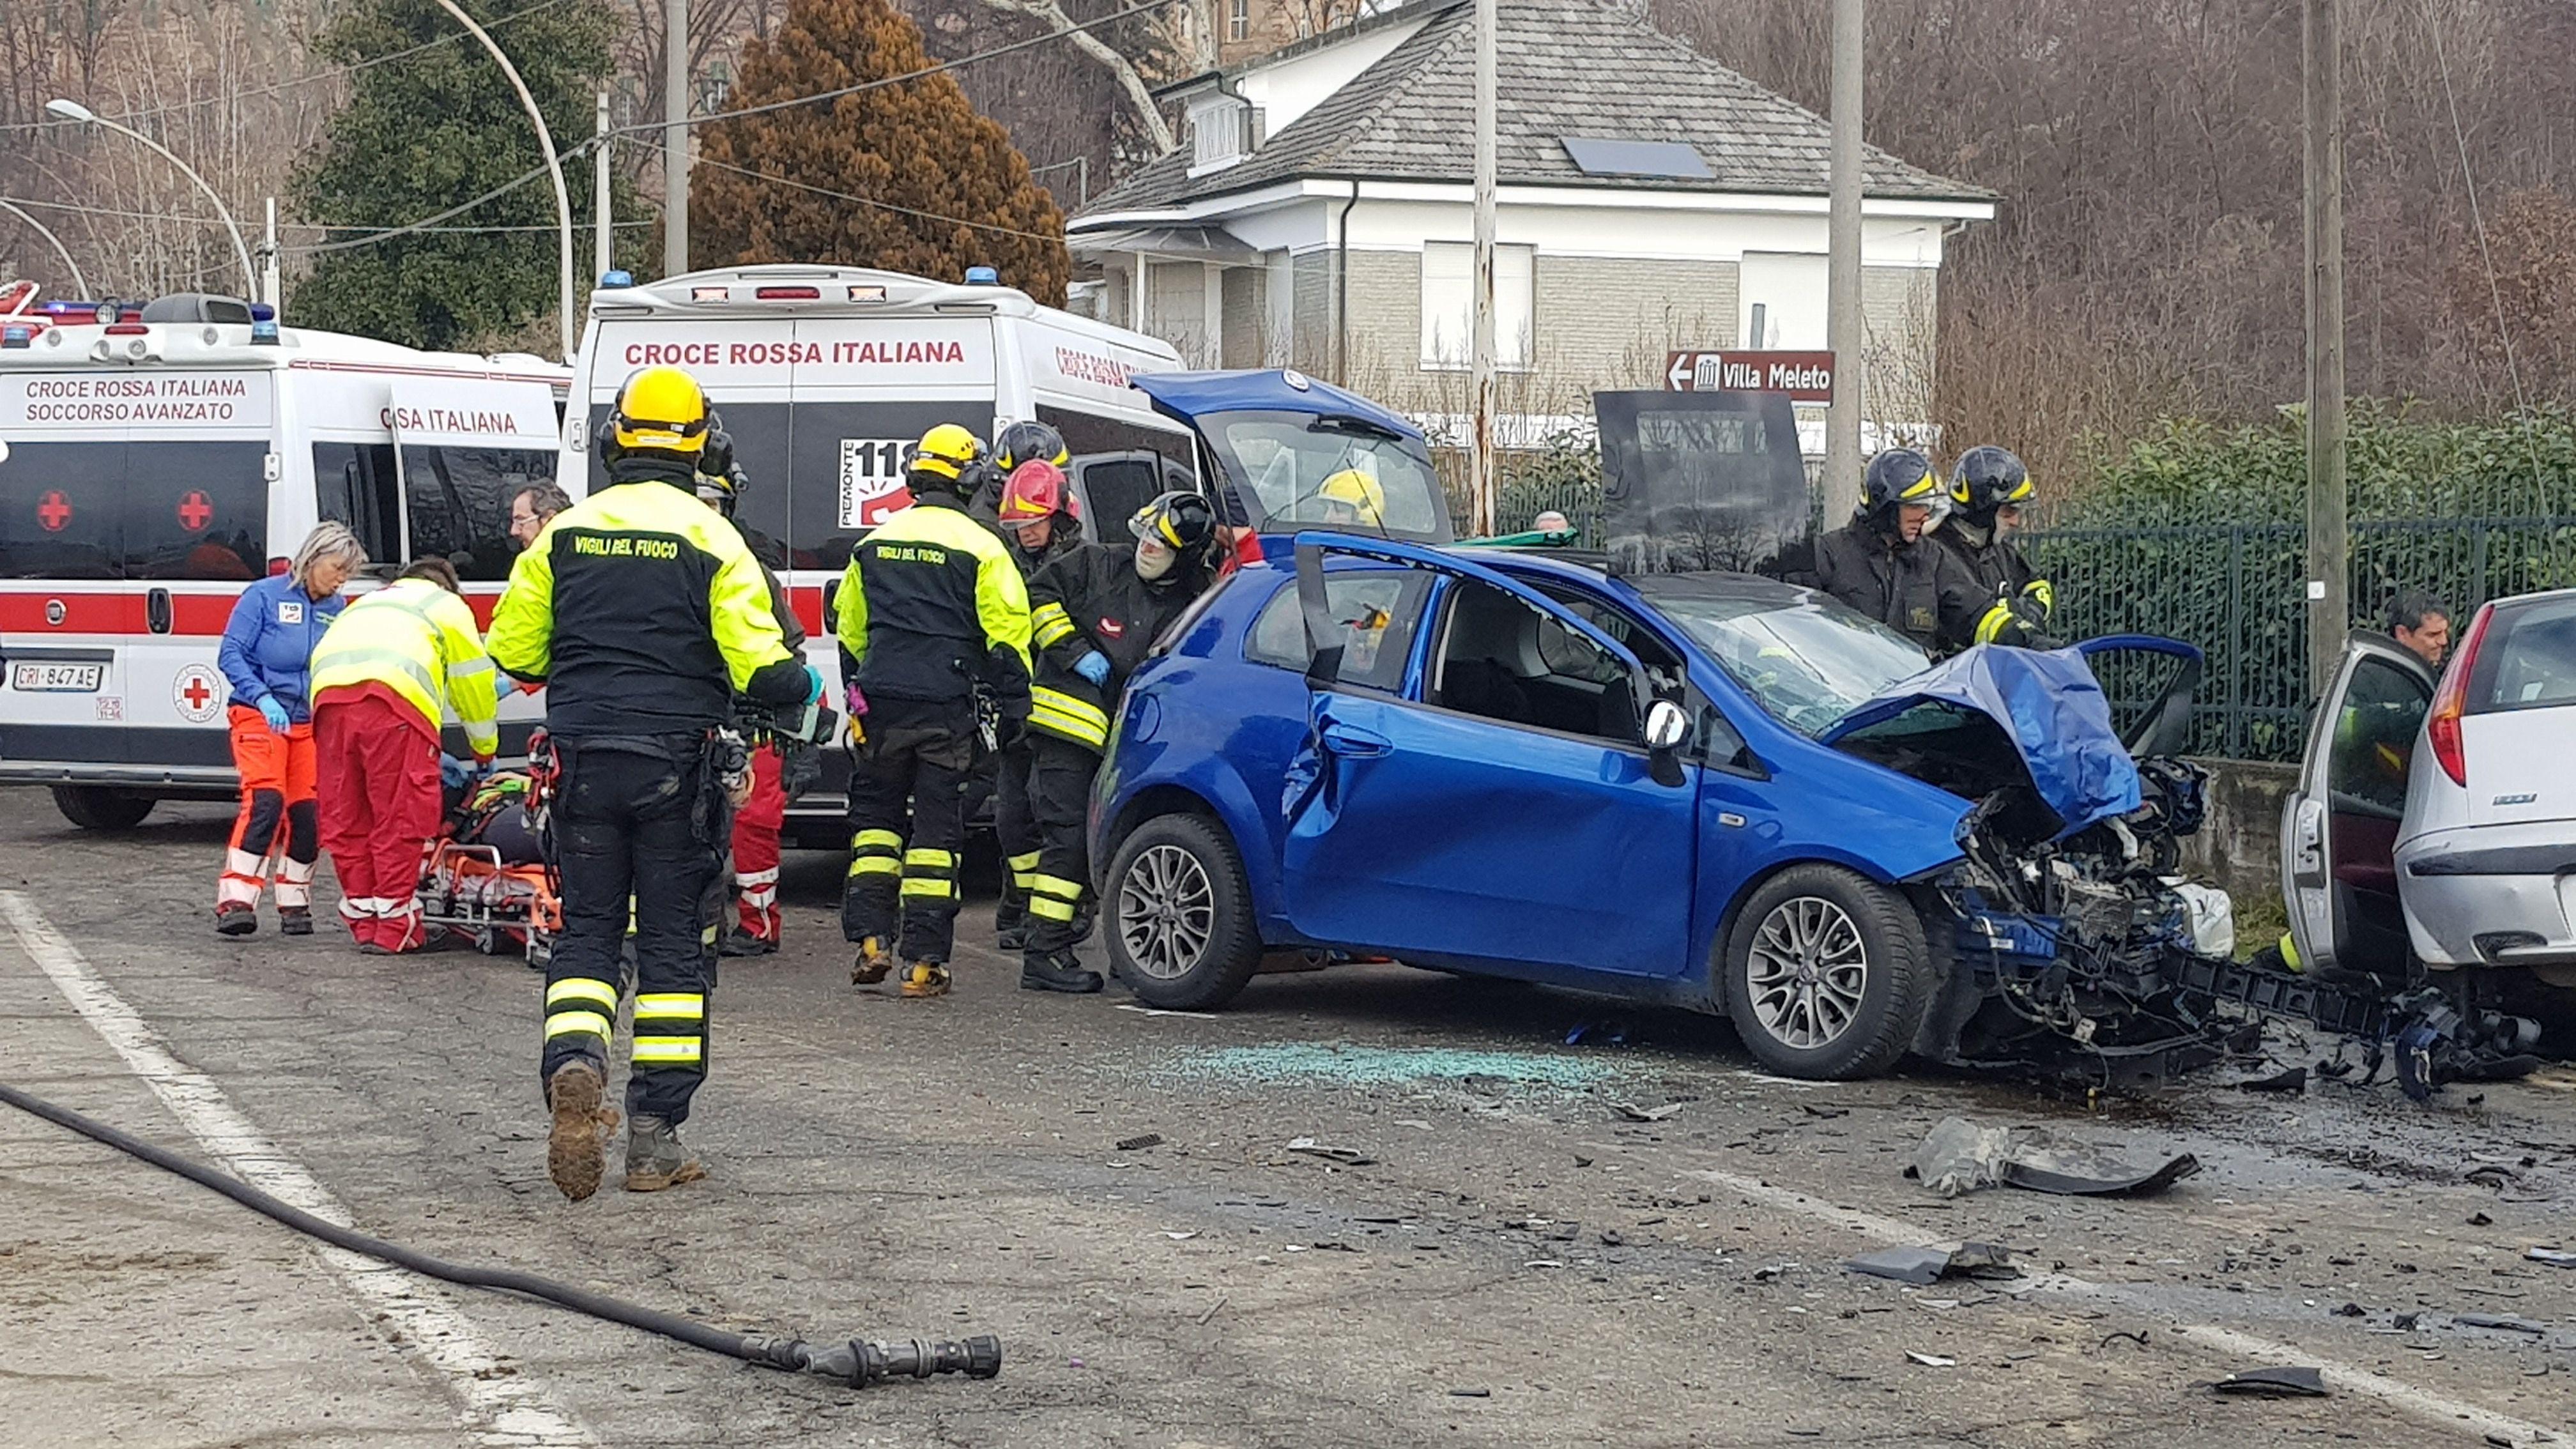 AGLIÈ - Spaventoso incidente stradale: due feriti e tre mezzi distrutti - FOTO E VIDEO